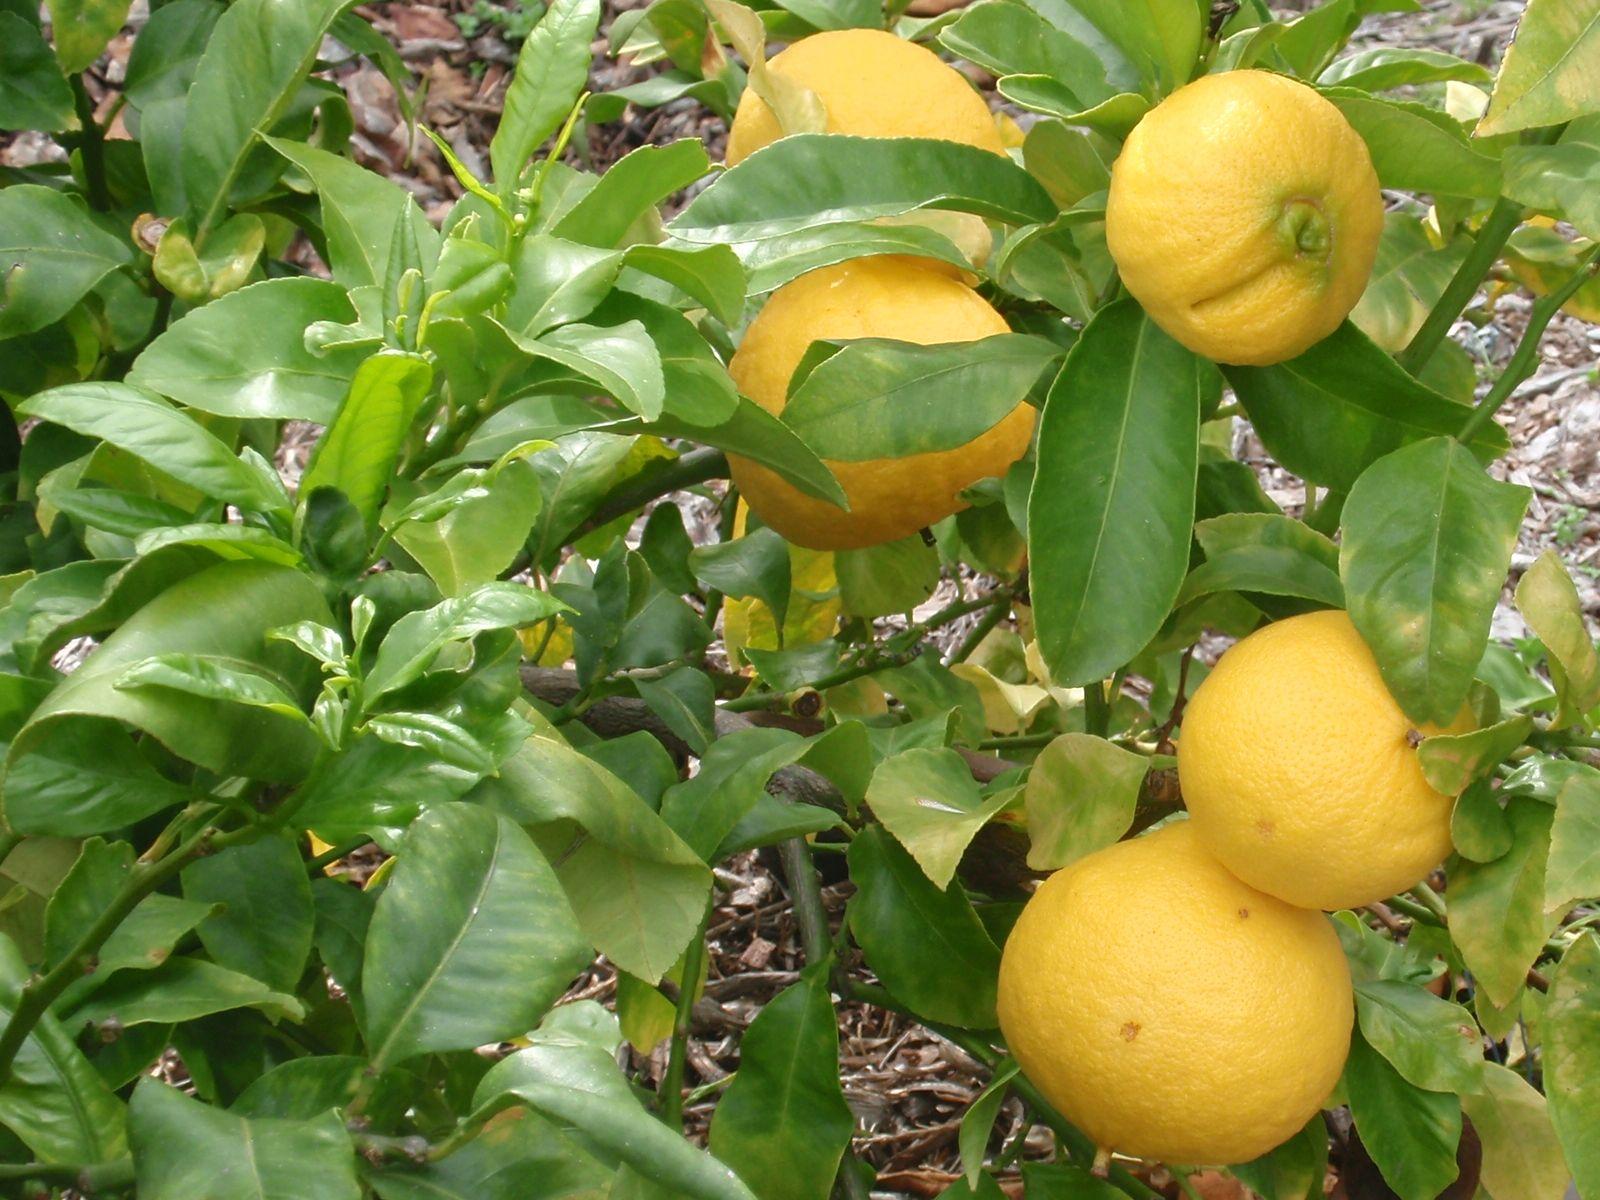 Бергамот - что это за растение, как выглядит, полезные свойства и противопоказания. состав и калорийность плодов бергамота. что делают из бергамота и как его выращивать